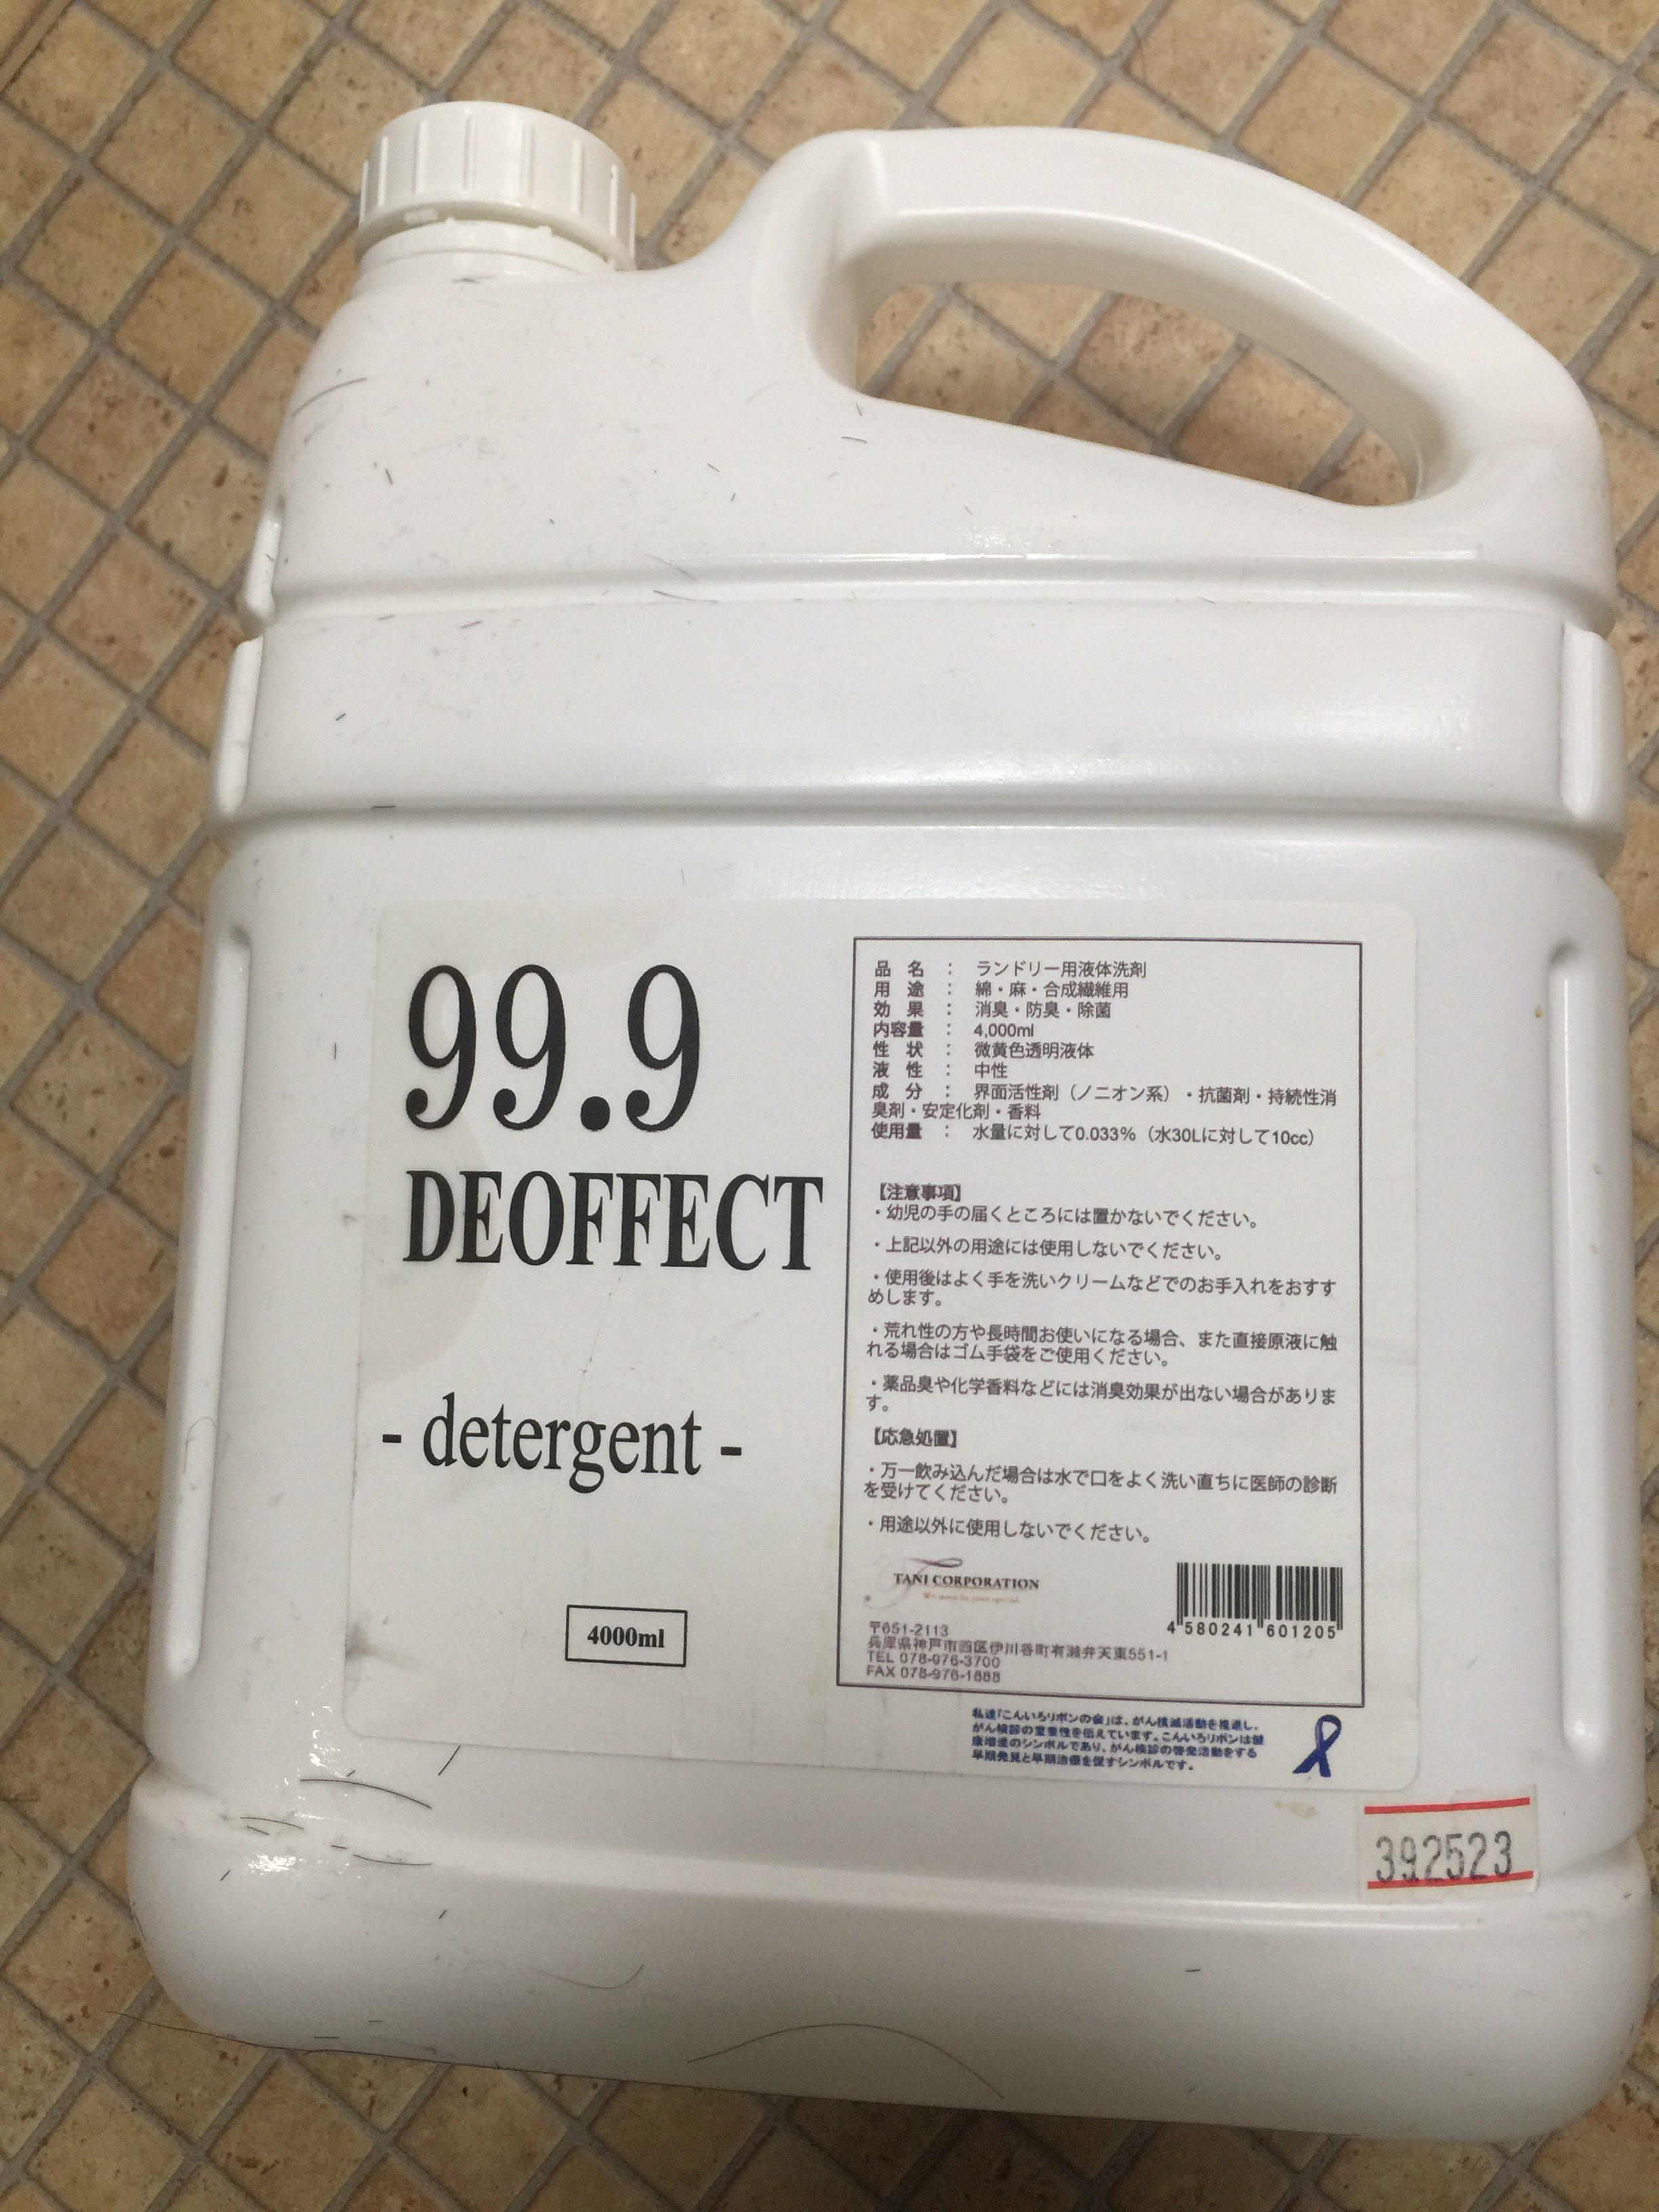 タオルの匂い問題解決洗剤デオフェクト